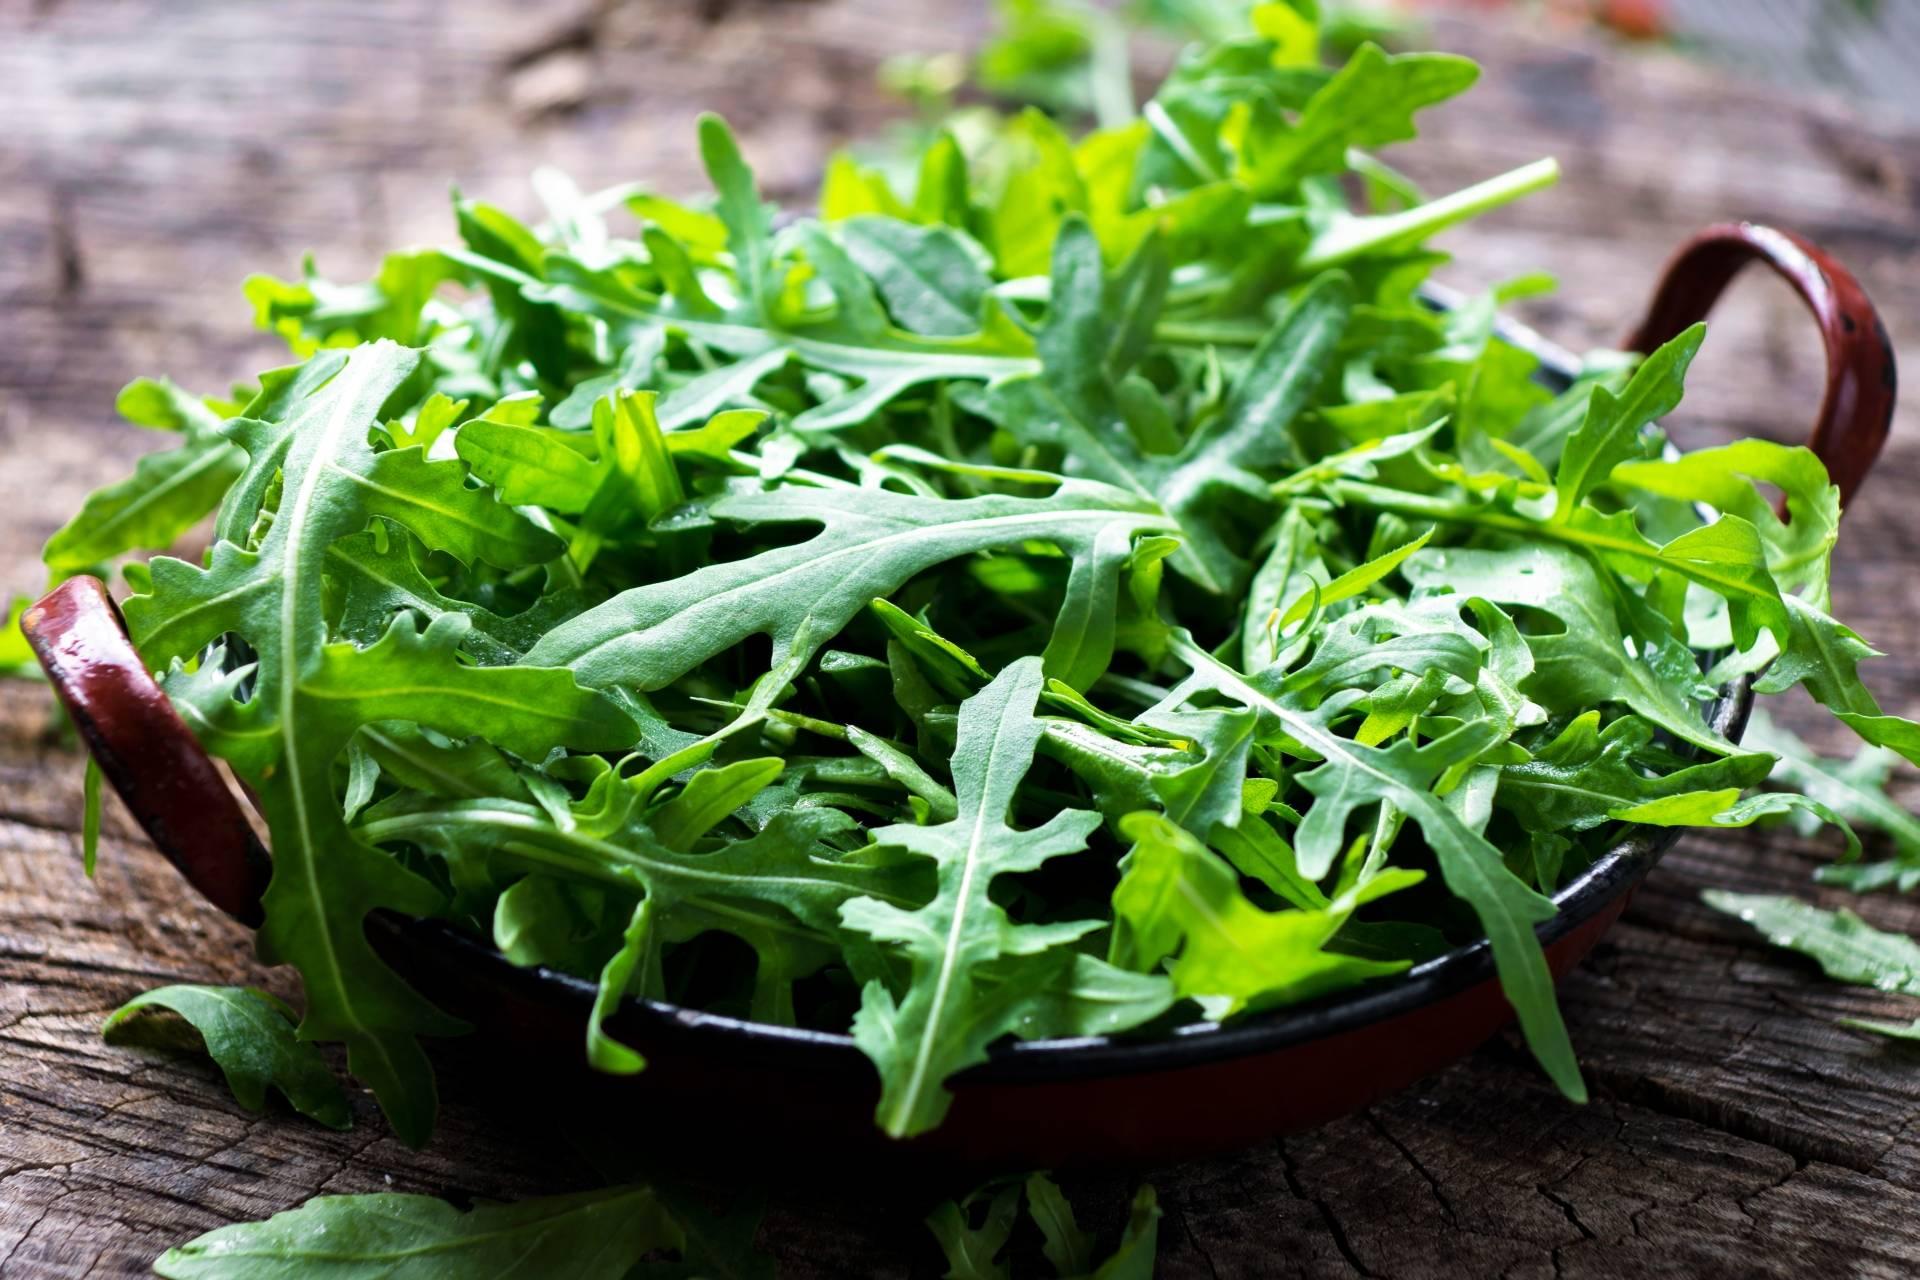 Ogródek warzywny na balkonie: jak uprawiać rukolę?